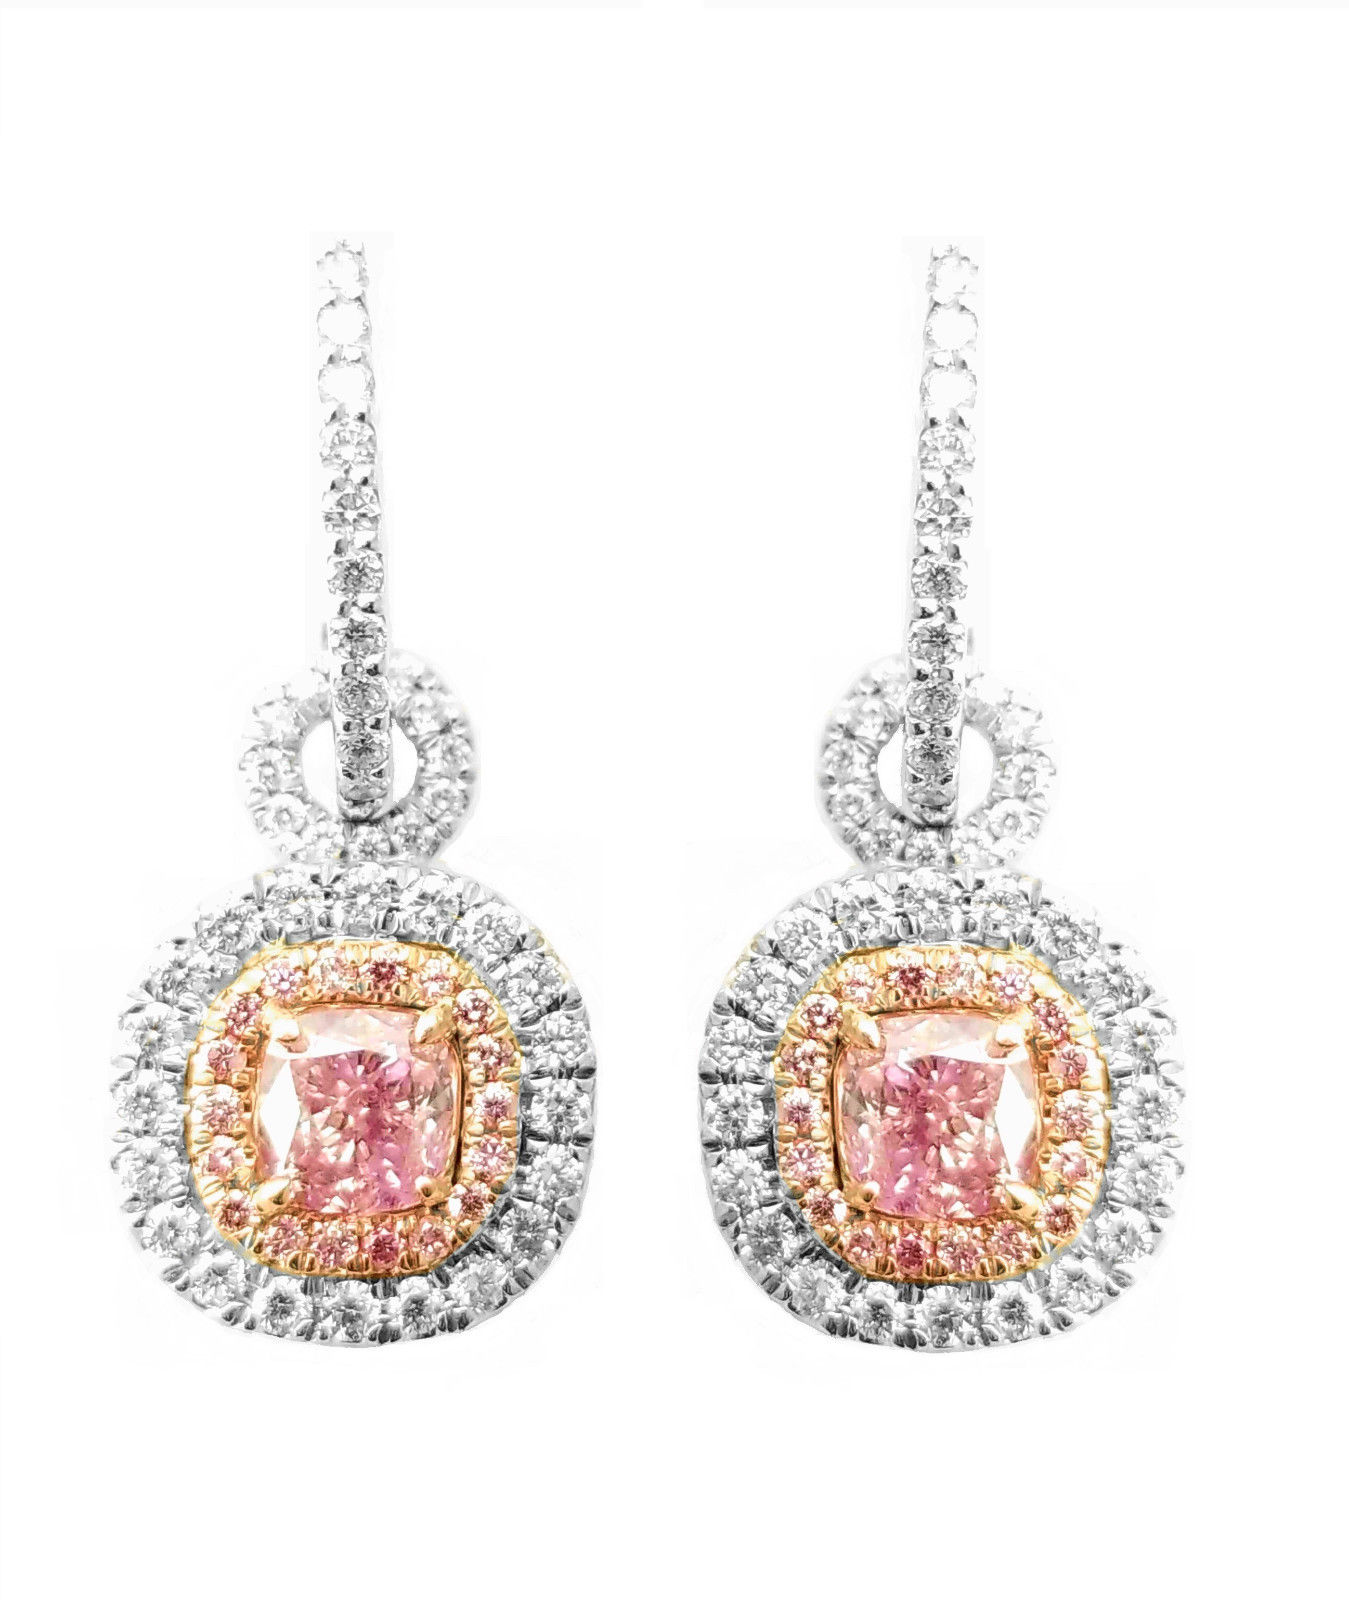 2.15ct Fancy Purple Pink Diamonds Earrings 18K White Gold 3 In 1 Pendant GIA SI1